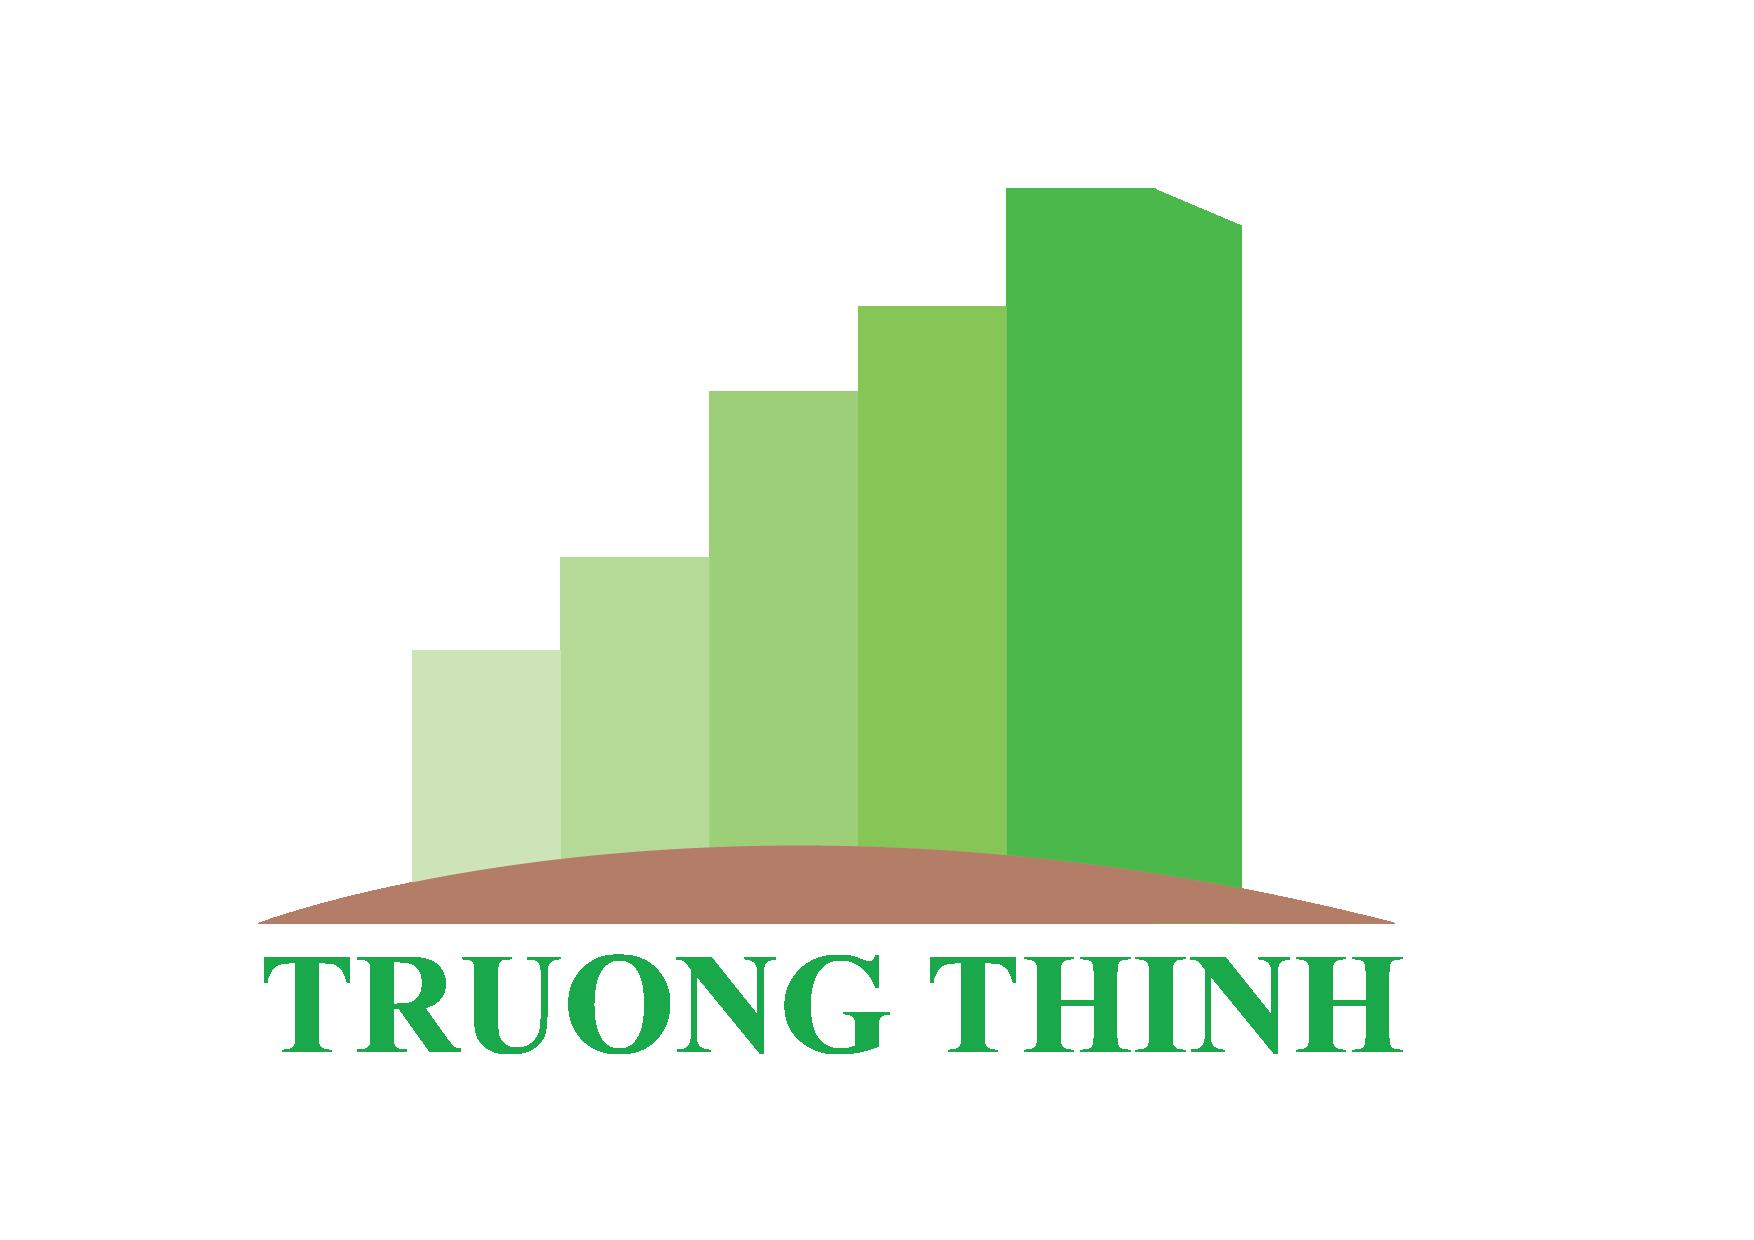 Chọn nơi an cư và đầu tư tại trung tâm TP. HCM